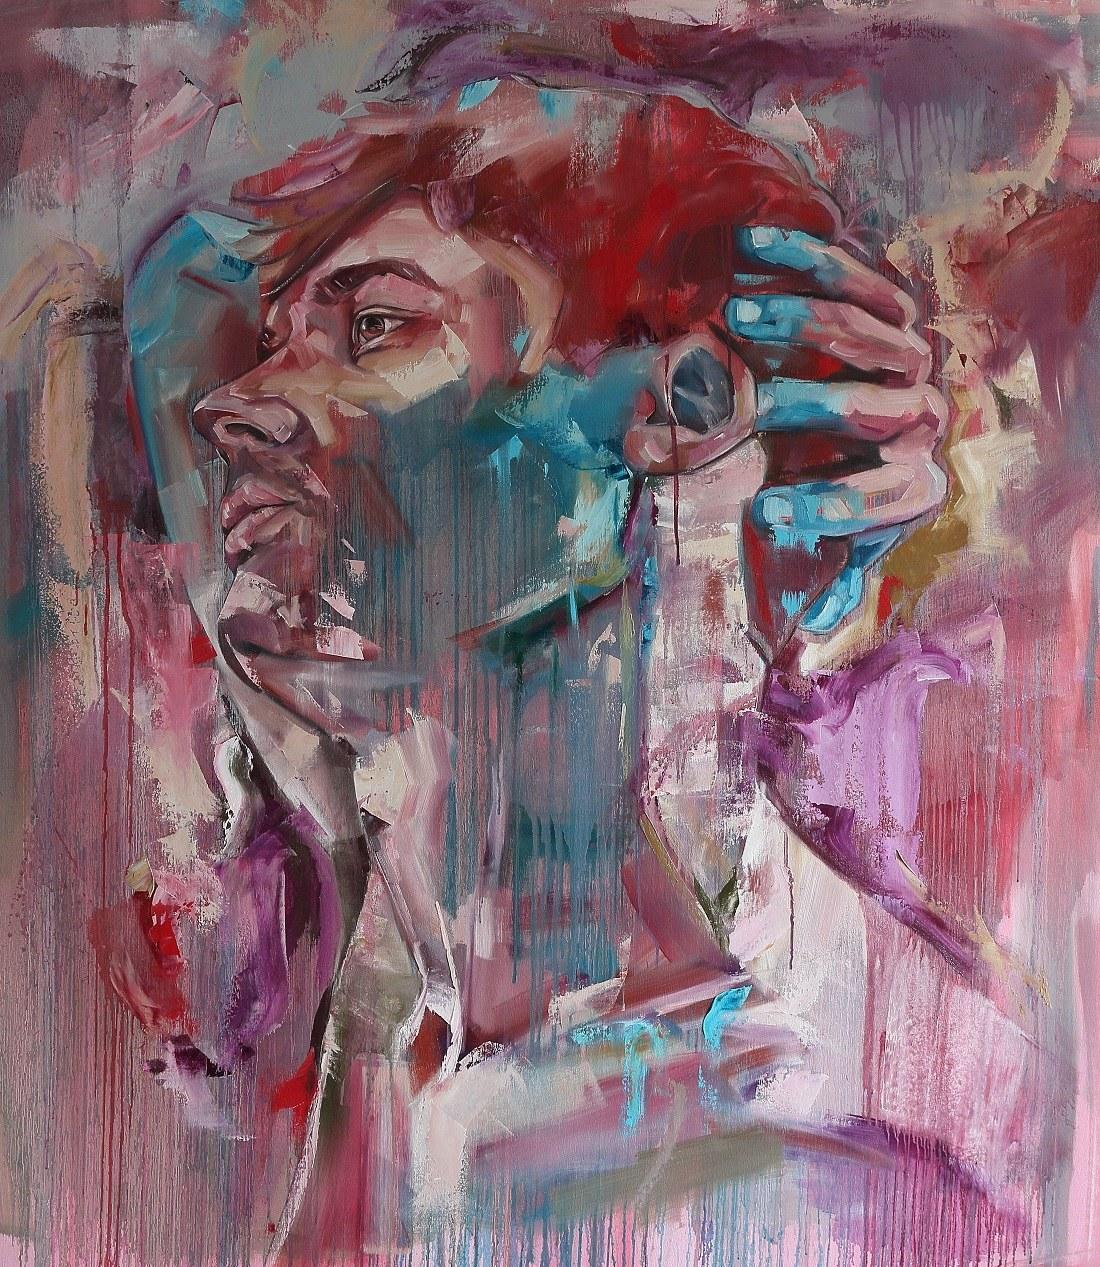 Bastien Ducourtioux, A Melancholic Path, 2018